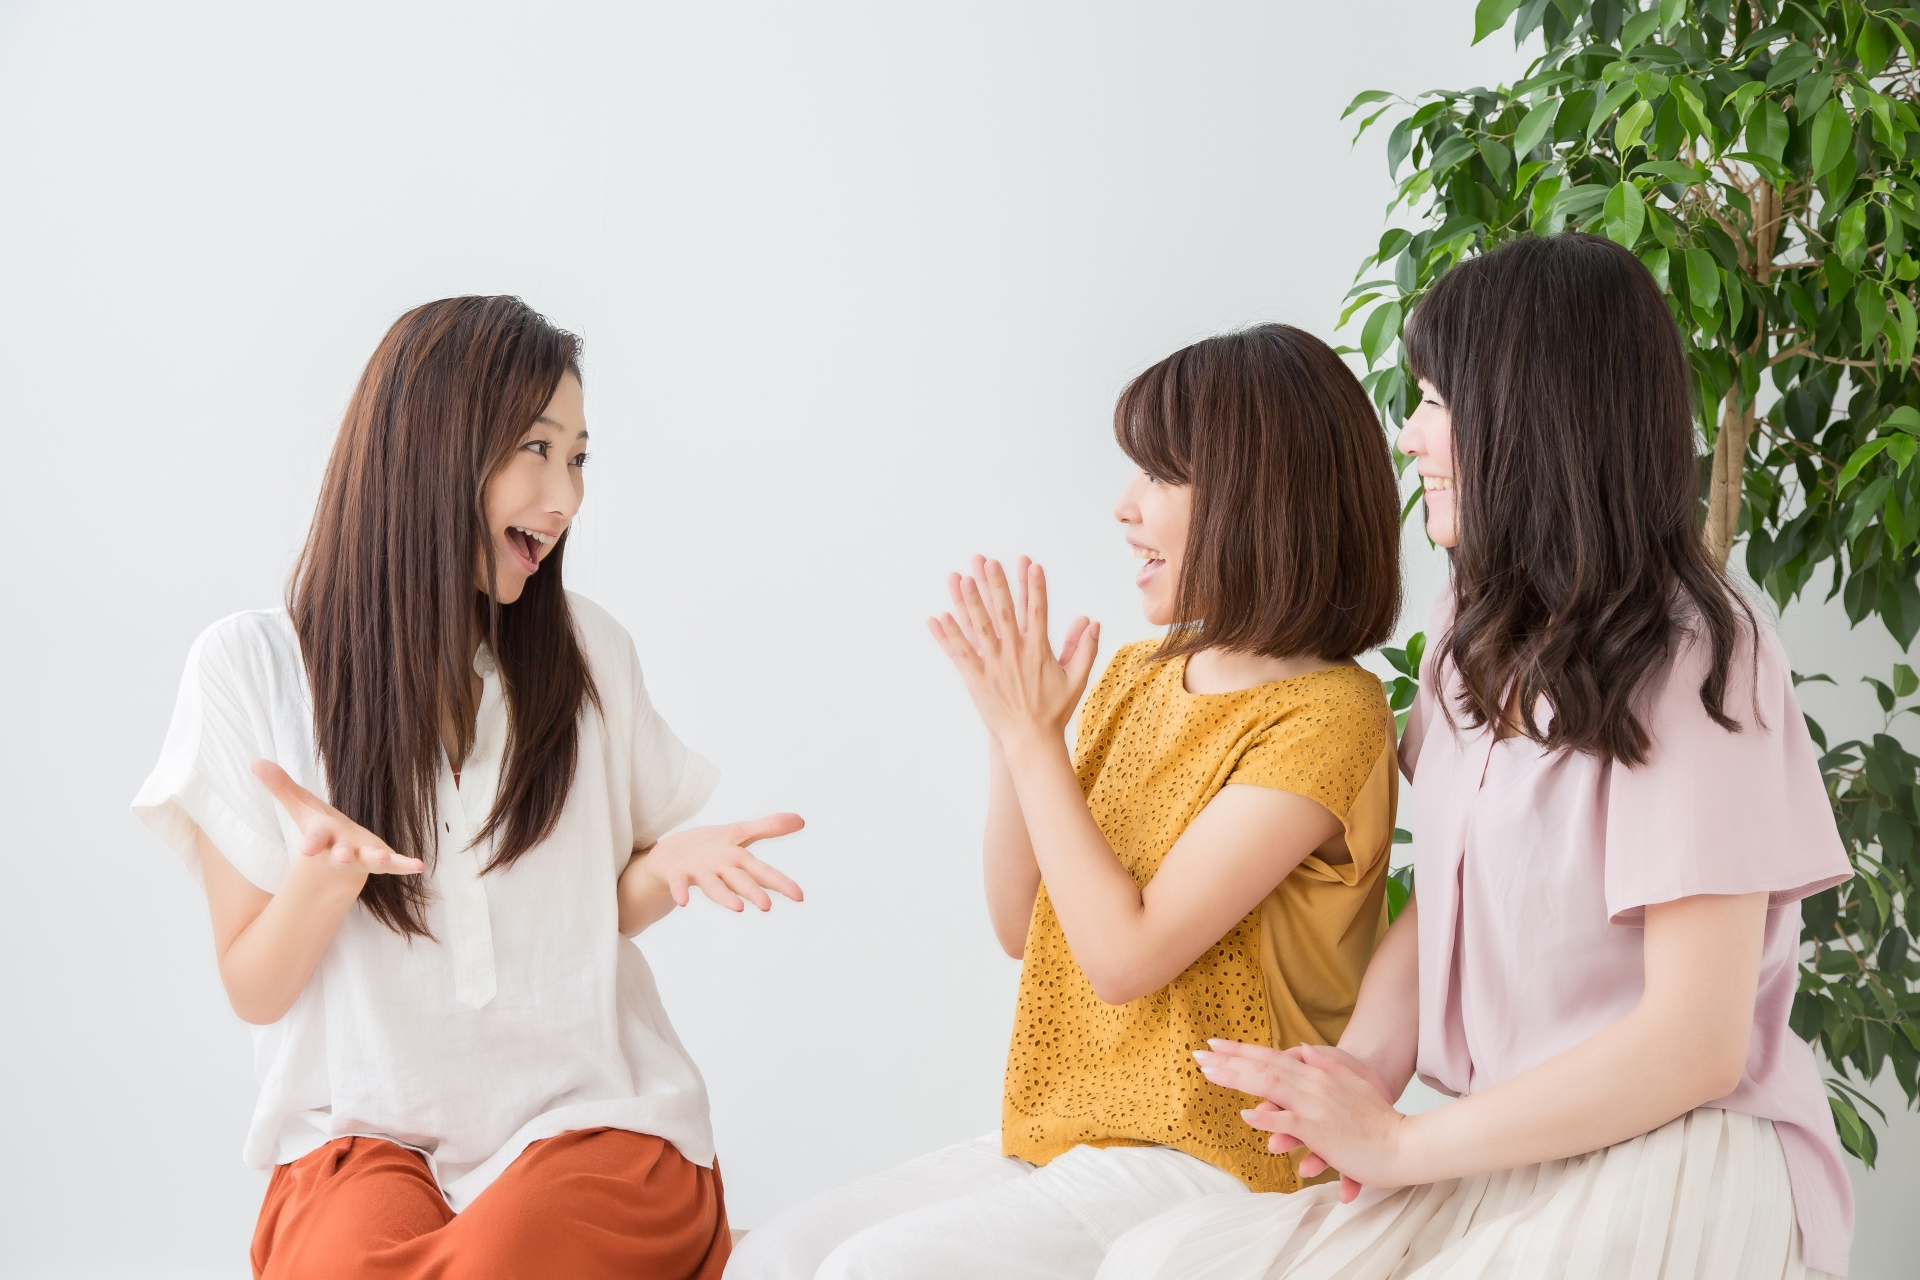 ママ友からのお誘を断りたい!関係を悪くしないための上手な断り方。